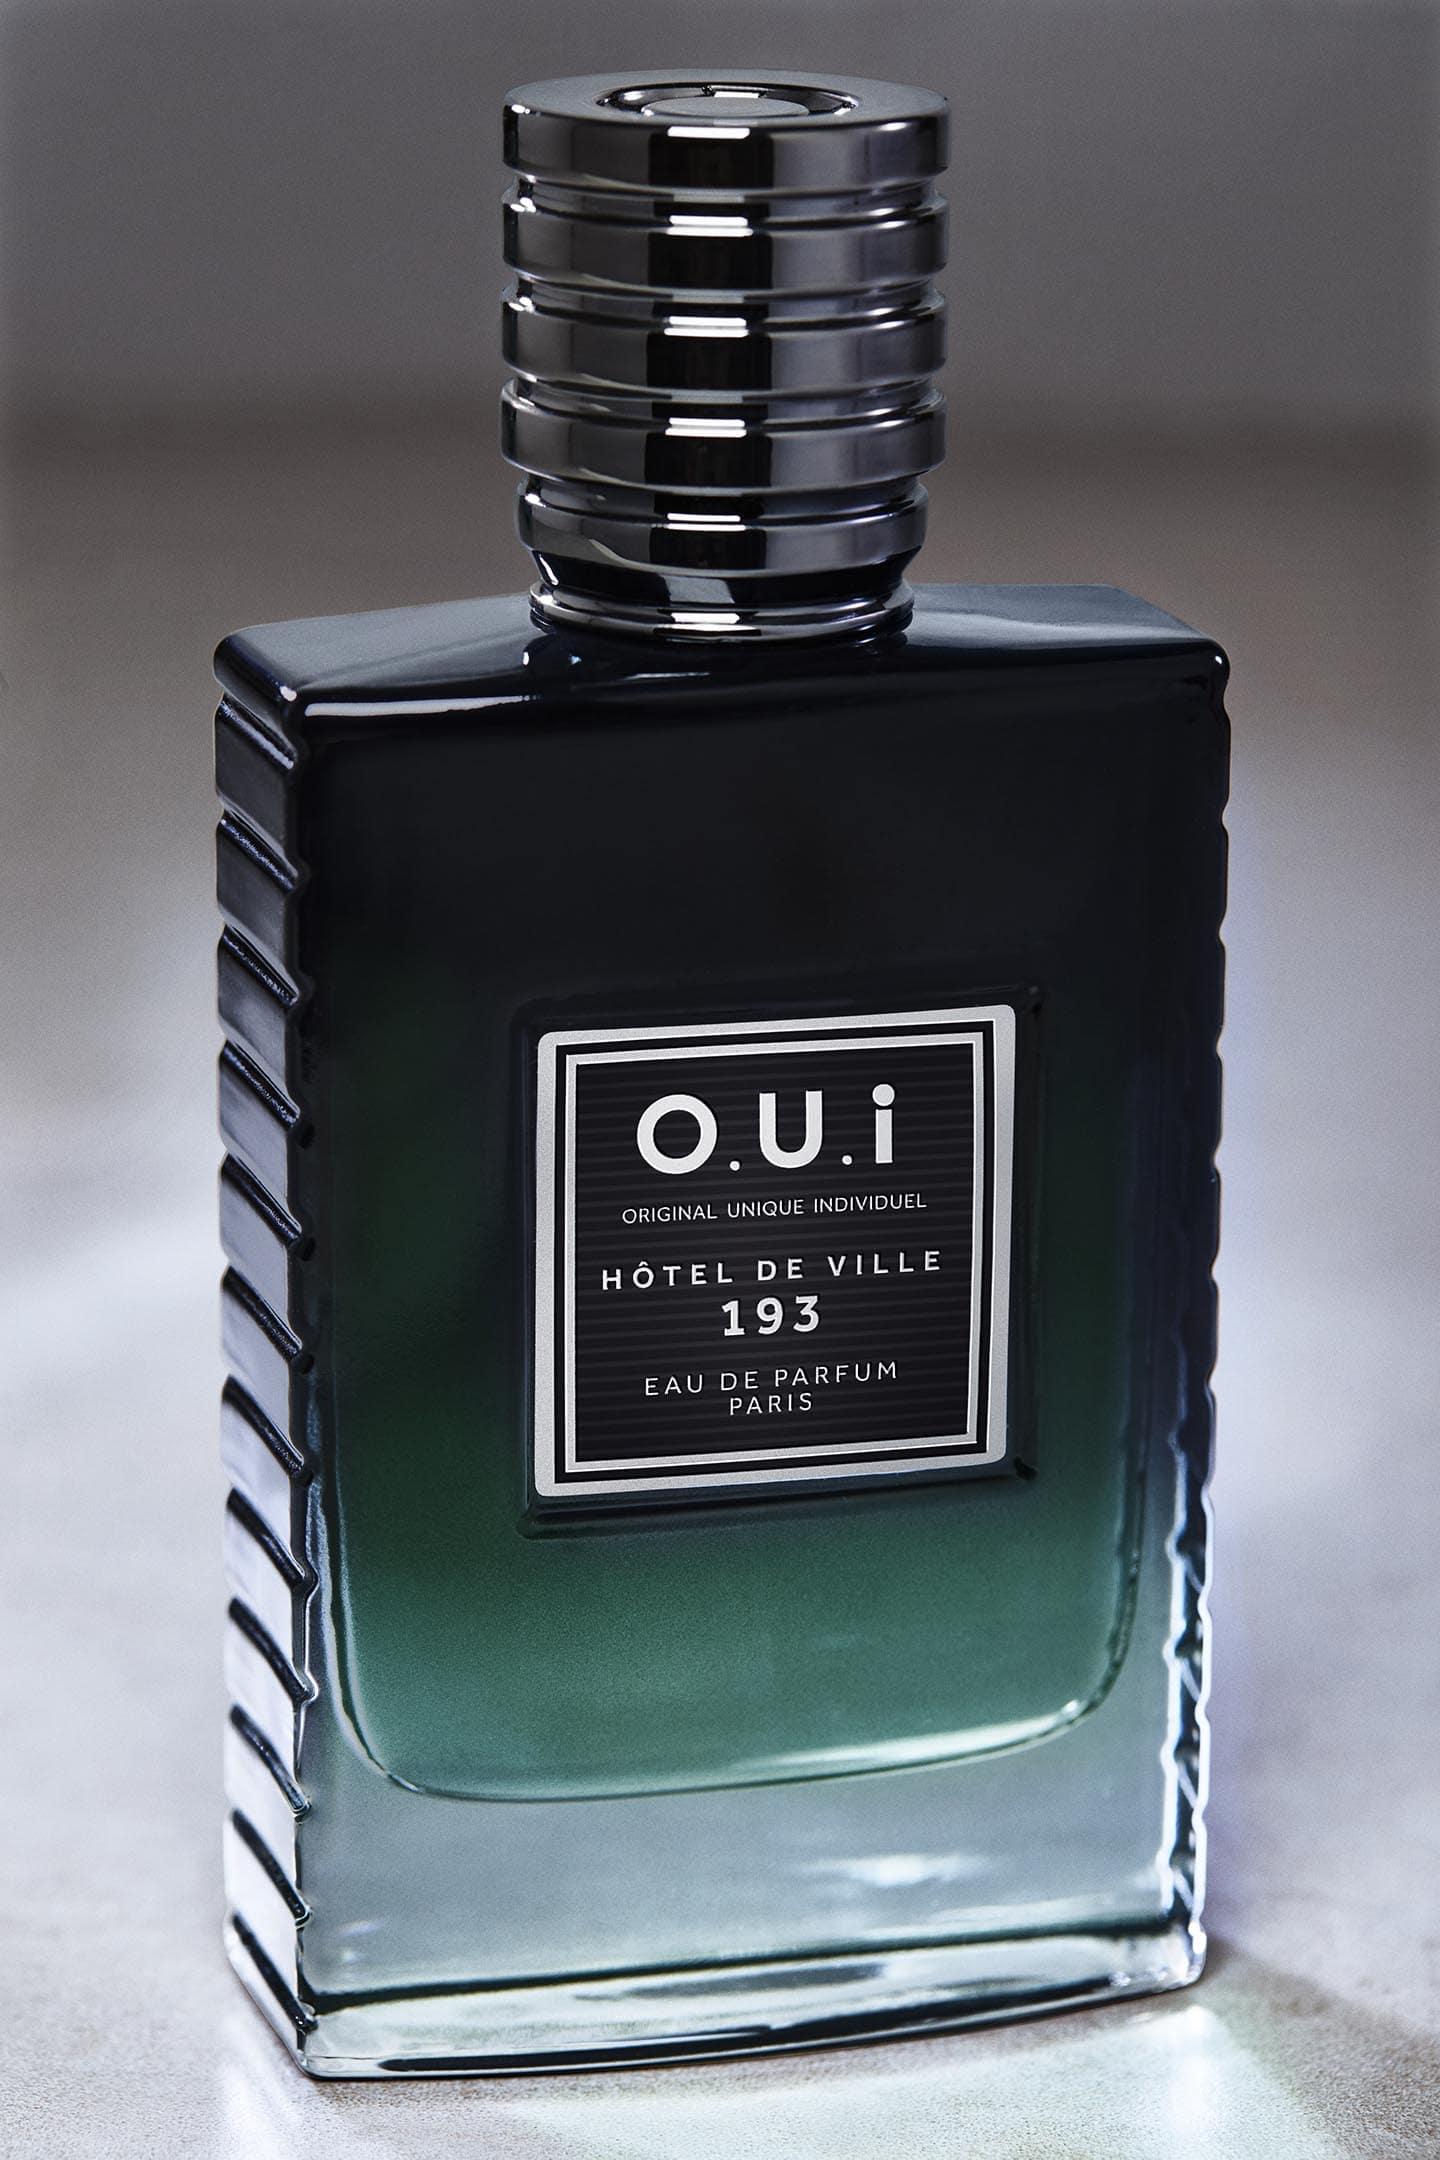 Photo mise en scène profil parfum Hôtel de ville 193